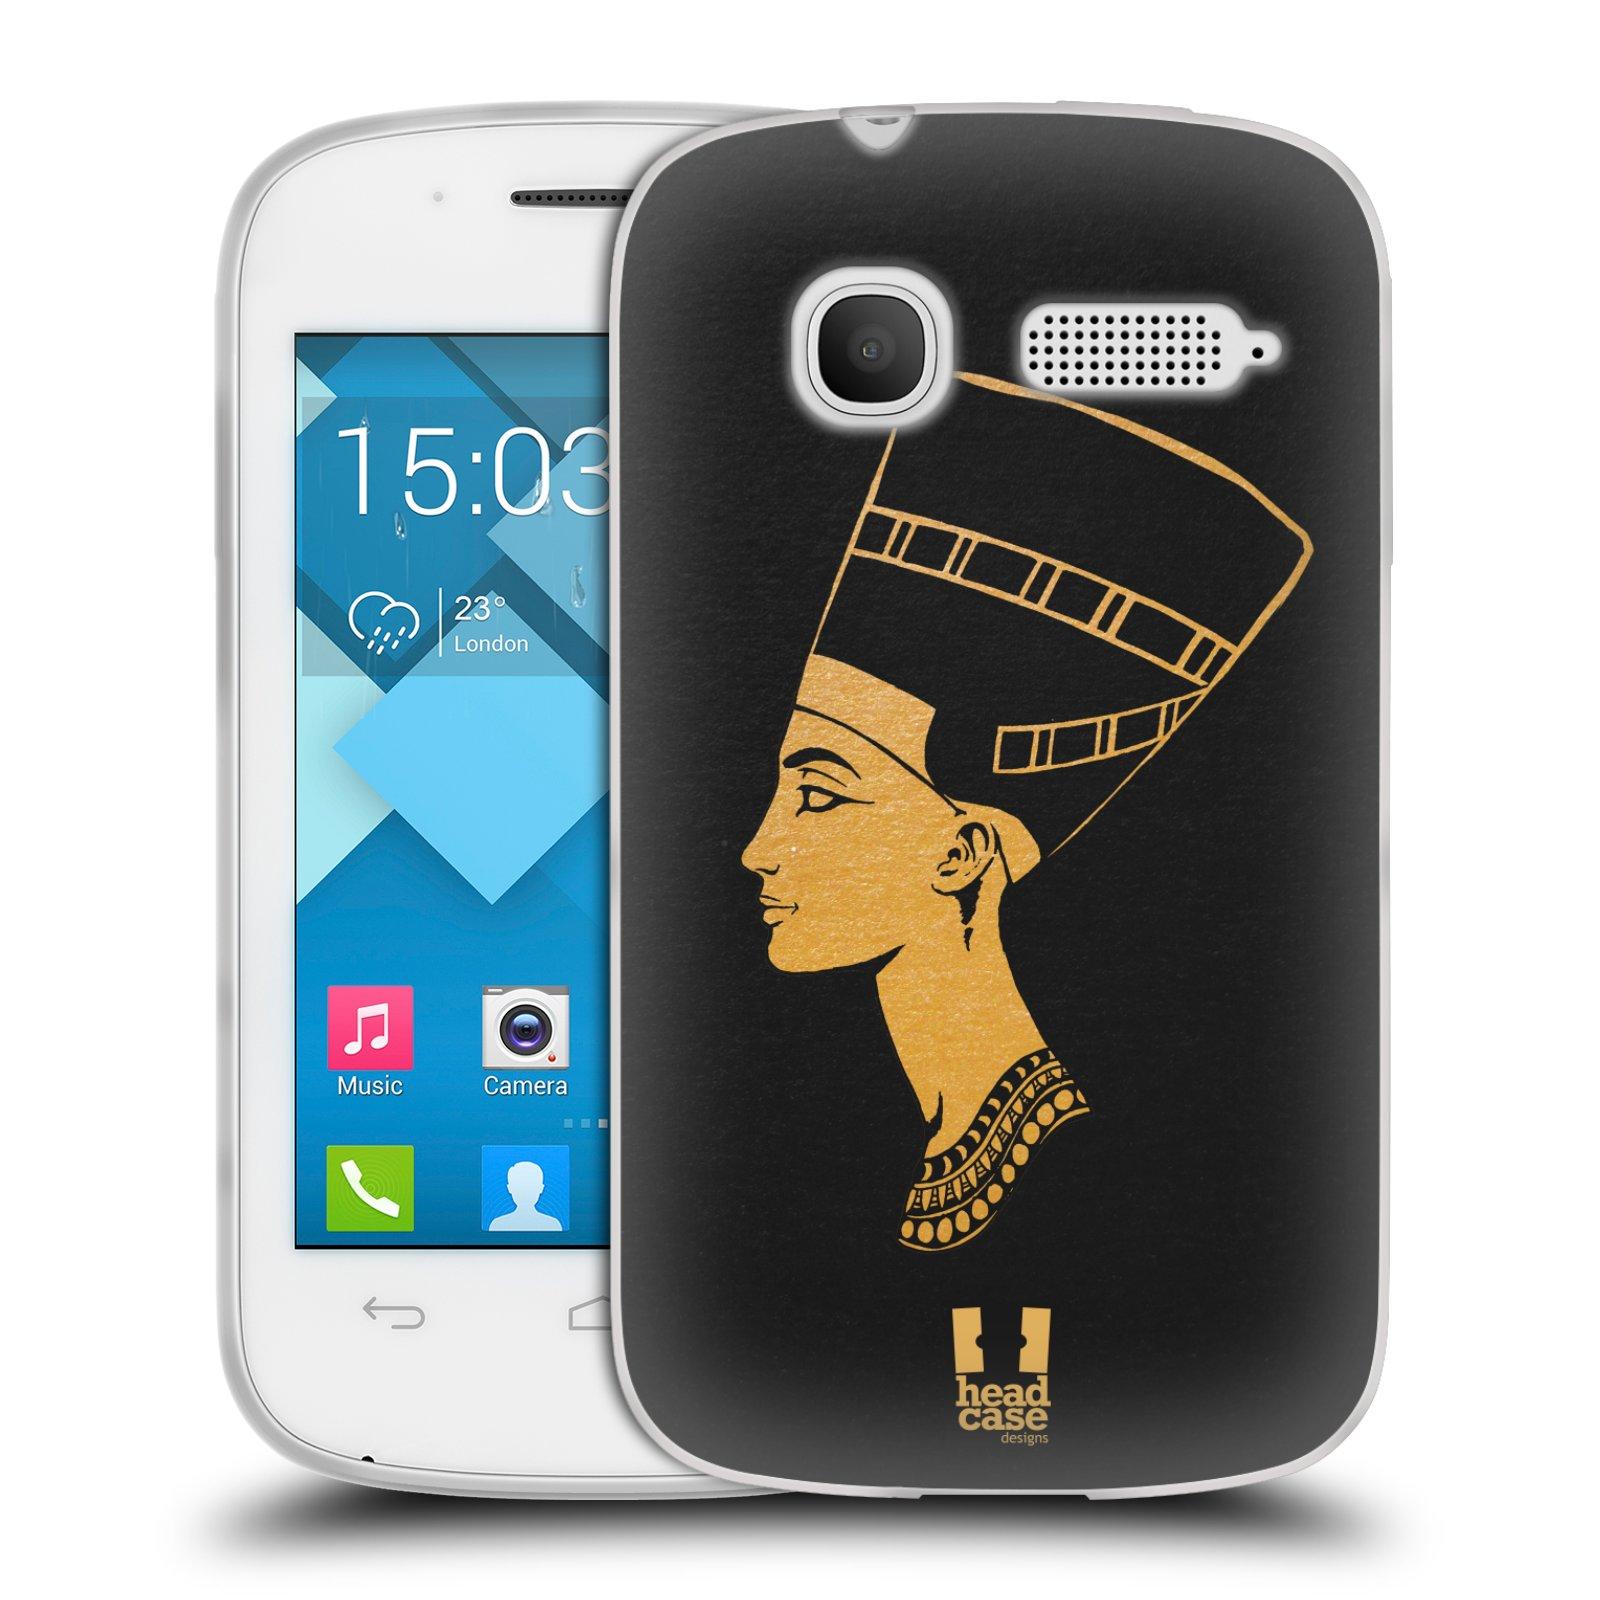 Silikonové pouzdro na mobil Alcatel One Touch Pop C1 HEAD CASE EGYPT NEFERTITI (Silikonový kryt či obal na mobilní telefon Alcatel OT-4015D POP C1)